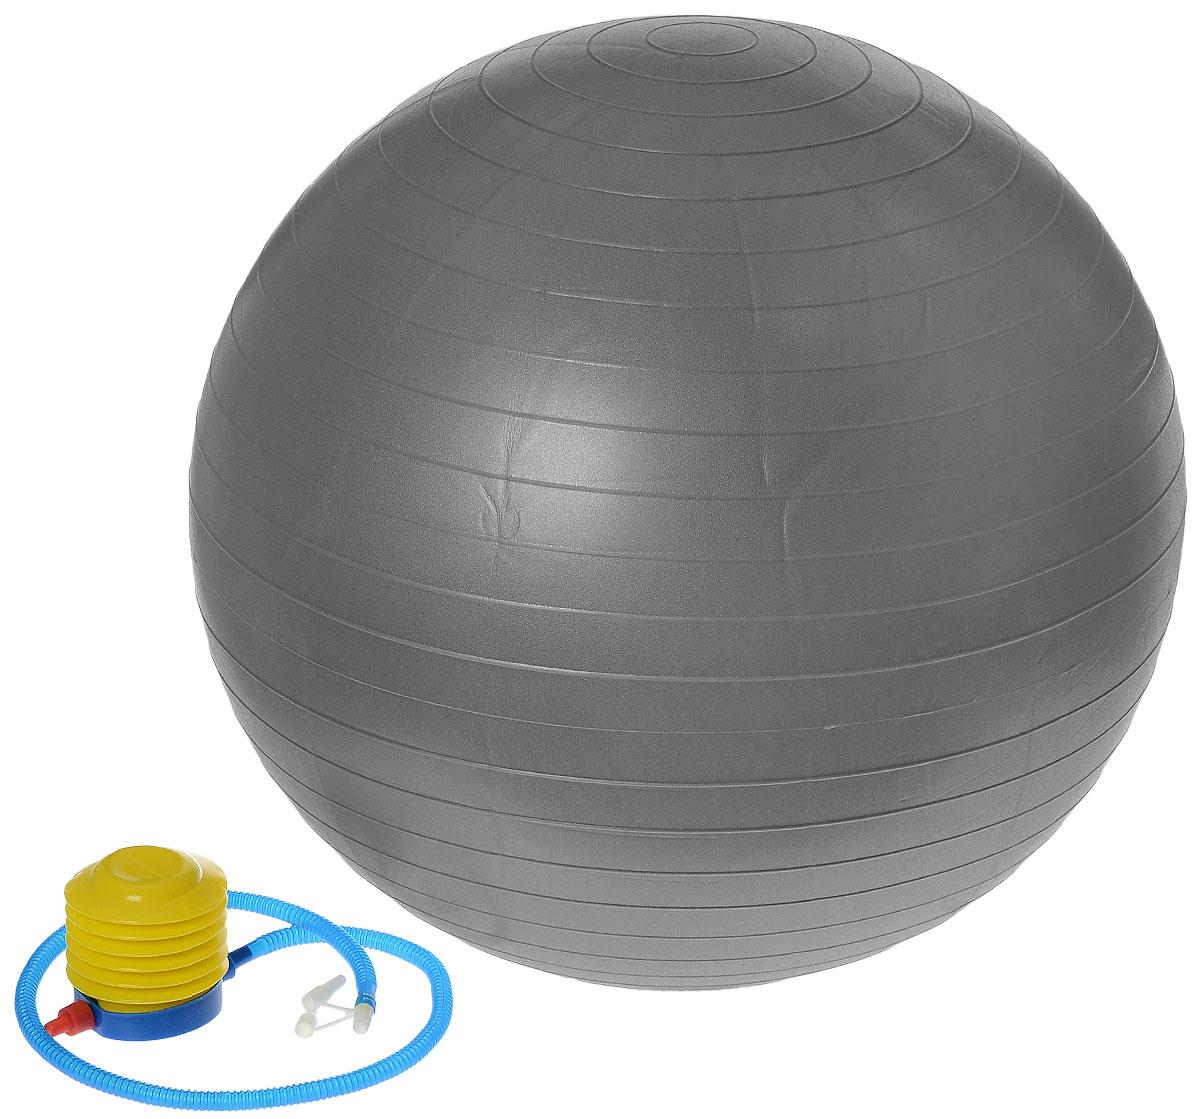 Мяч гимнастический Ironmaster, цвет: серый, диаметр 65 смIR97403Гимнастический мяч Ironmaster, выполненный из прочного ПВХ, легко транспортировать, поэтому его можно использовать для занятий как дома, так и в любом другом удобном месте. Изделие пригодится как начинающим, так и опытным спортсменам, и позволит существенно улучшить показатели вне зависимости от вашего уровня подготовки. Мяч идеально подходит для упражнений на растяжку, силовых упражнений и зарядки. Максимальный вес пользователя: 100 кг. УВАЖЕМЫЕ КЛИЕНТЫ! Обращаем ваше внимание на тот факт, что мяч поставляется в сдутом виде. Насос входит в комплект. Максимальный вес пользователя: 100 кг